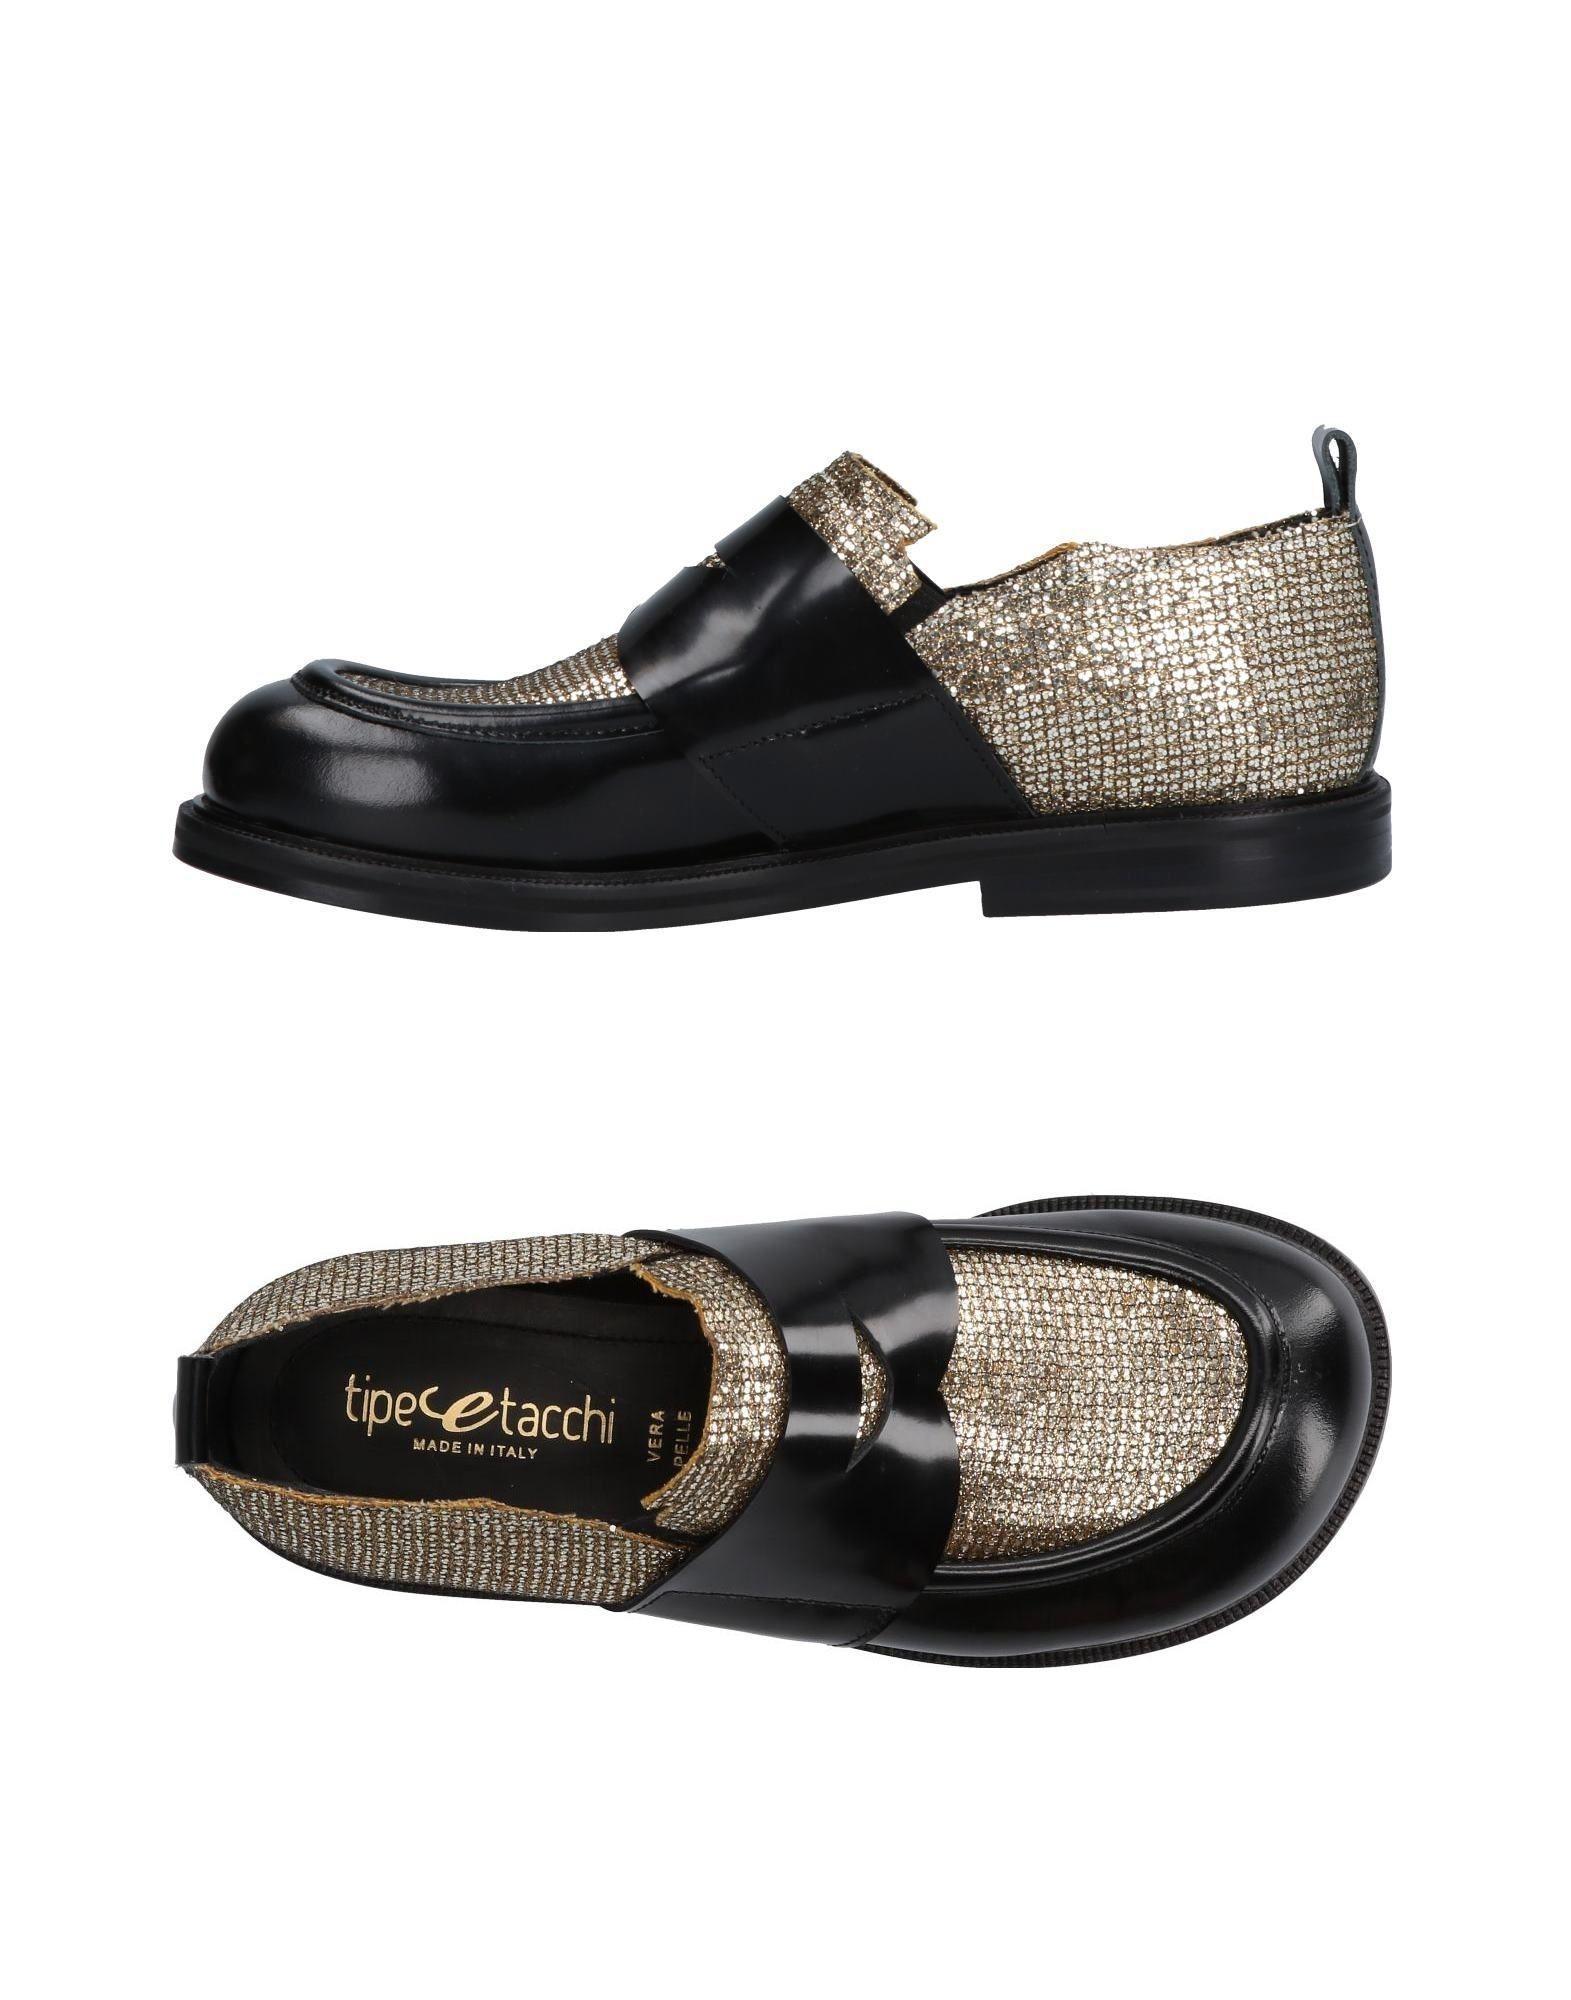 Tipe E Tacchi Loafers In Black